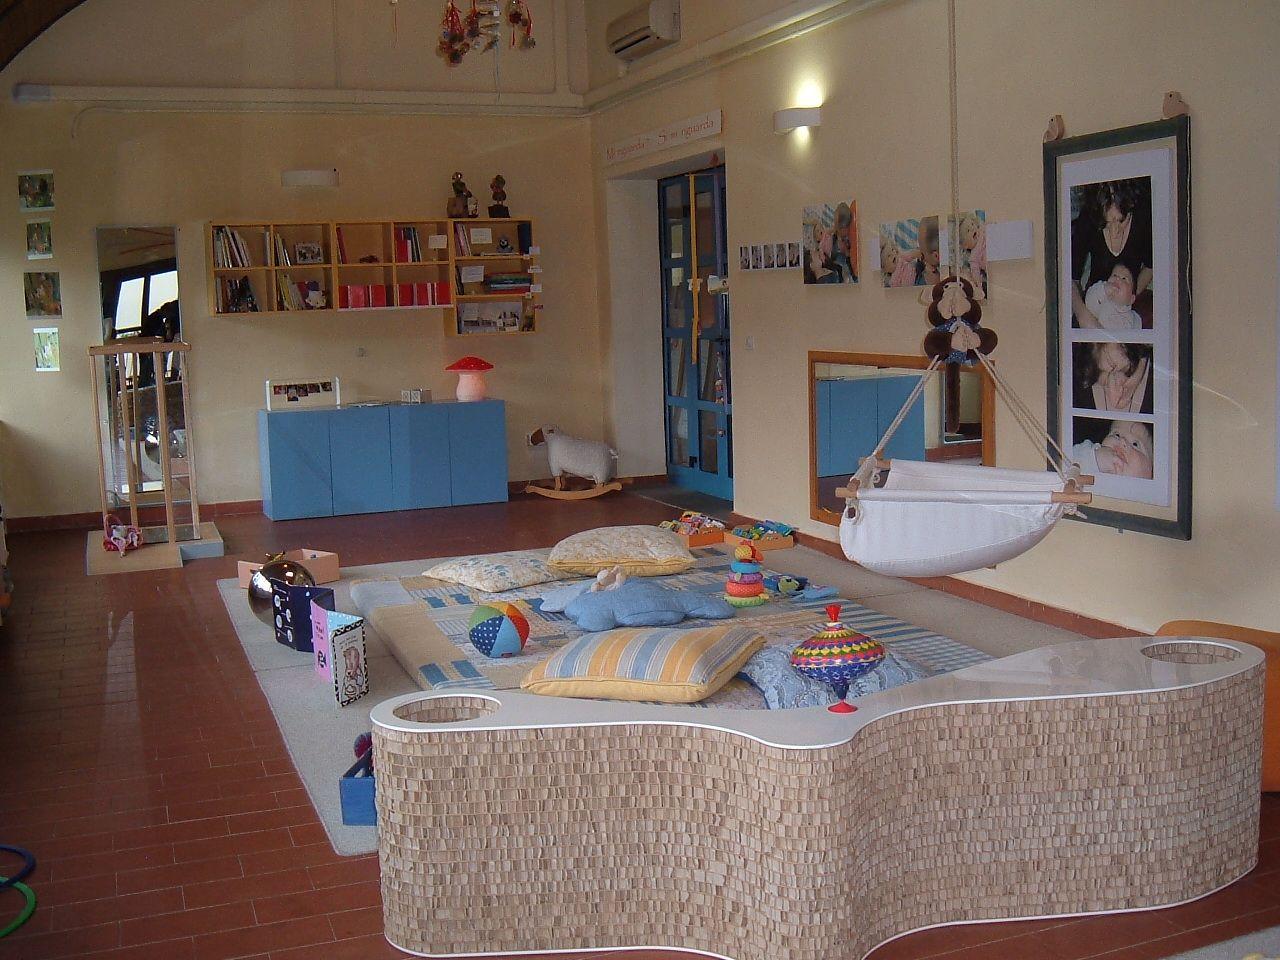 Infant Toddler Center In Pistoia Italy Via Mia Cavalca